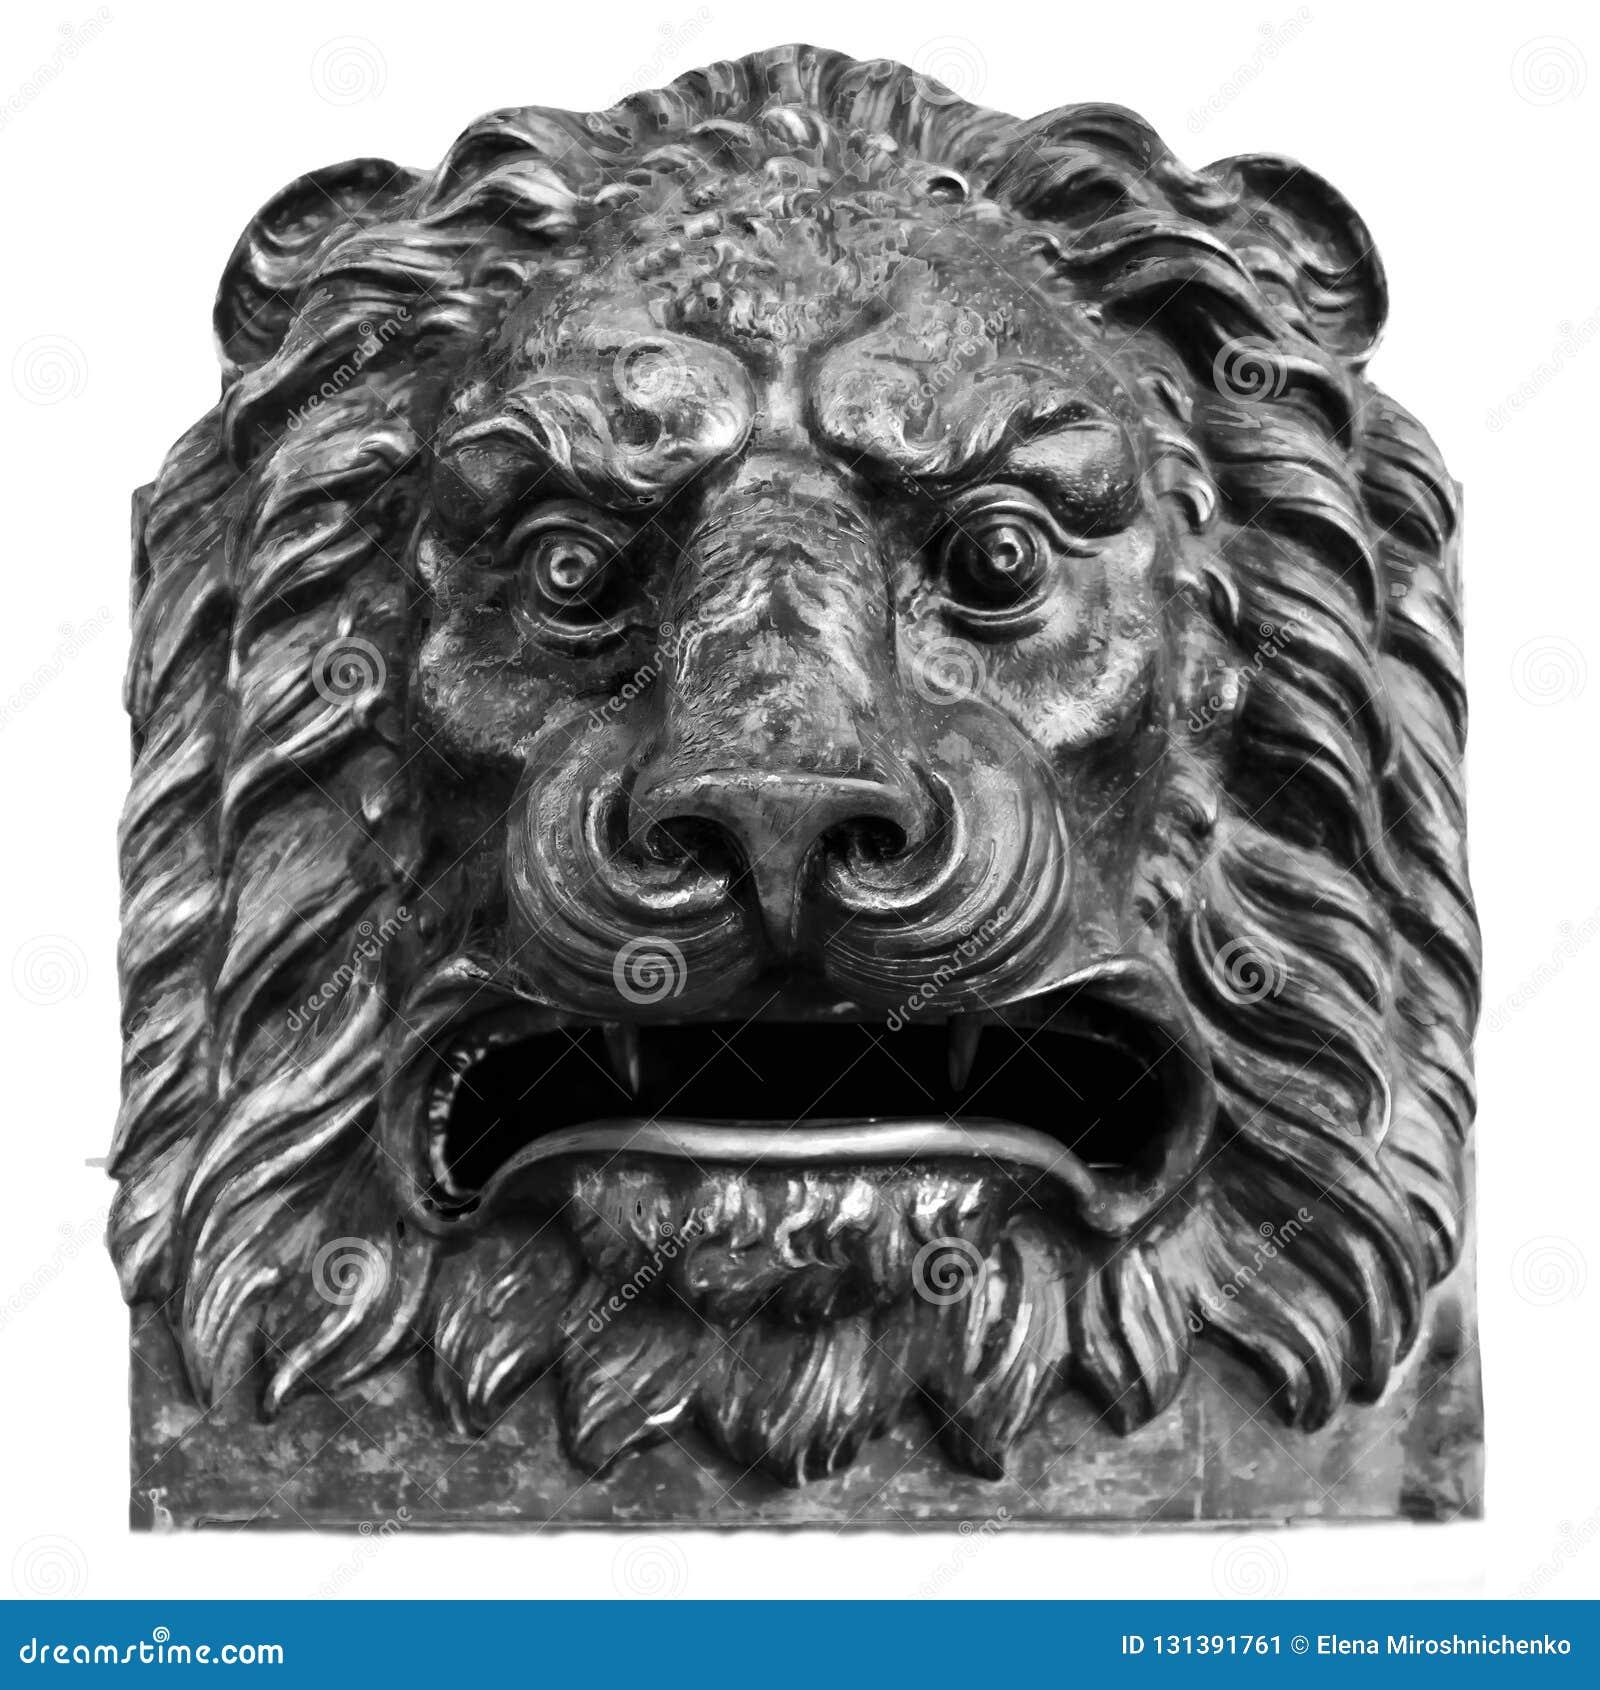 Бронзовая голова льва